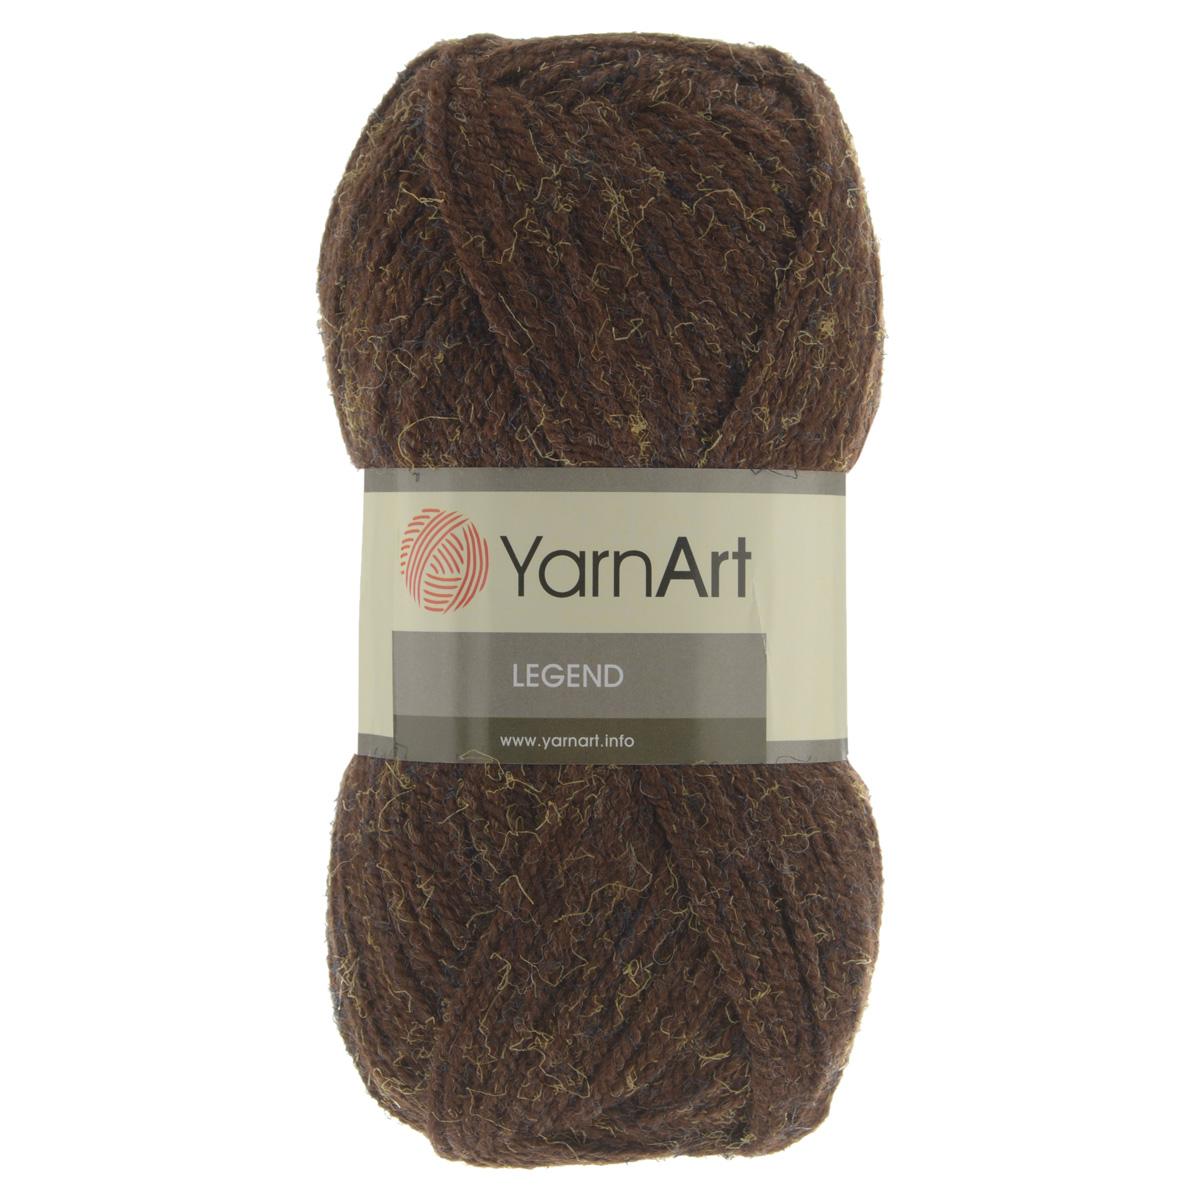 Пряжа для вязания YarnArt Legend, цвет: коричневый, желтый (220028), 300 м, 100 г, 5 шт пряжа для вязания yarnart baby color цвет белый черный 273 150 м 50 г 5 шт